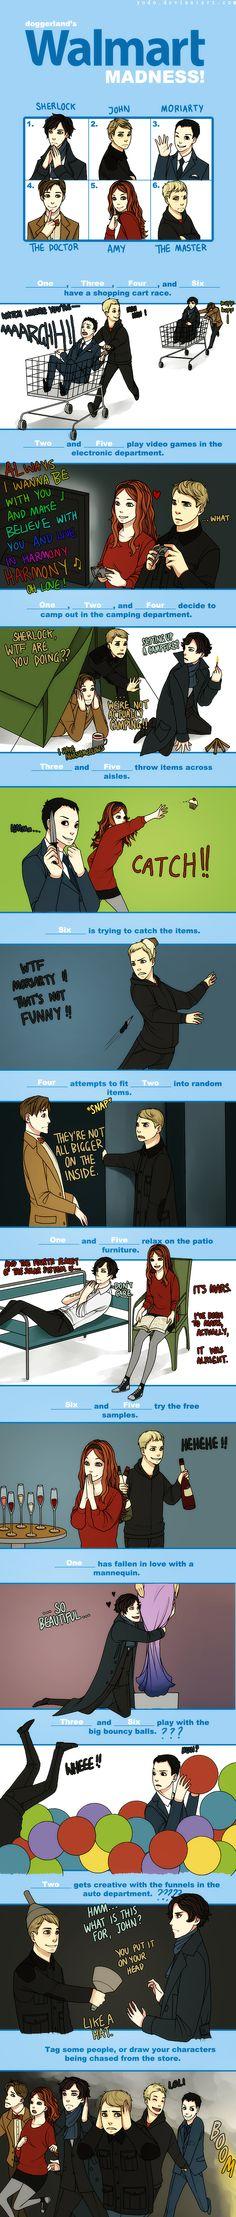 Sherlock + Doctor Who Meme 2 by y0do.deviantart.com on @deviantART---Bwahaha So funny!